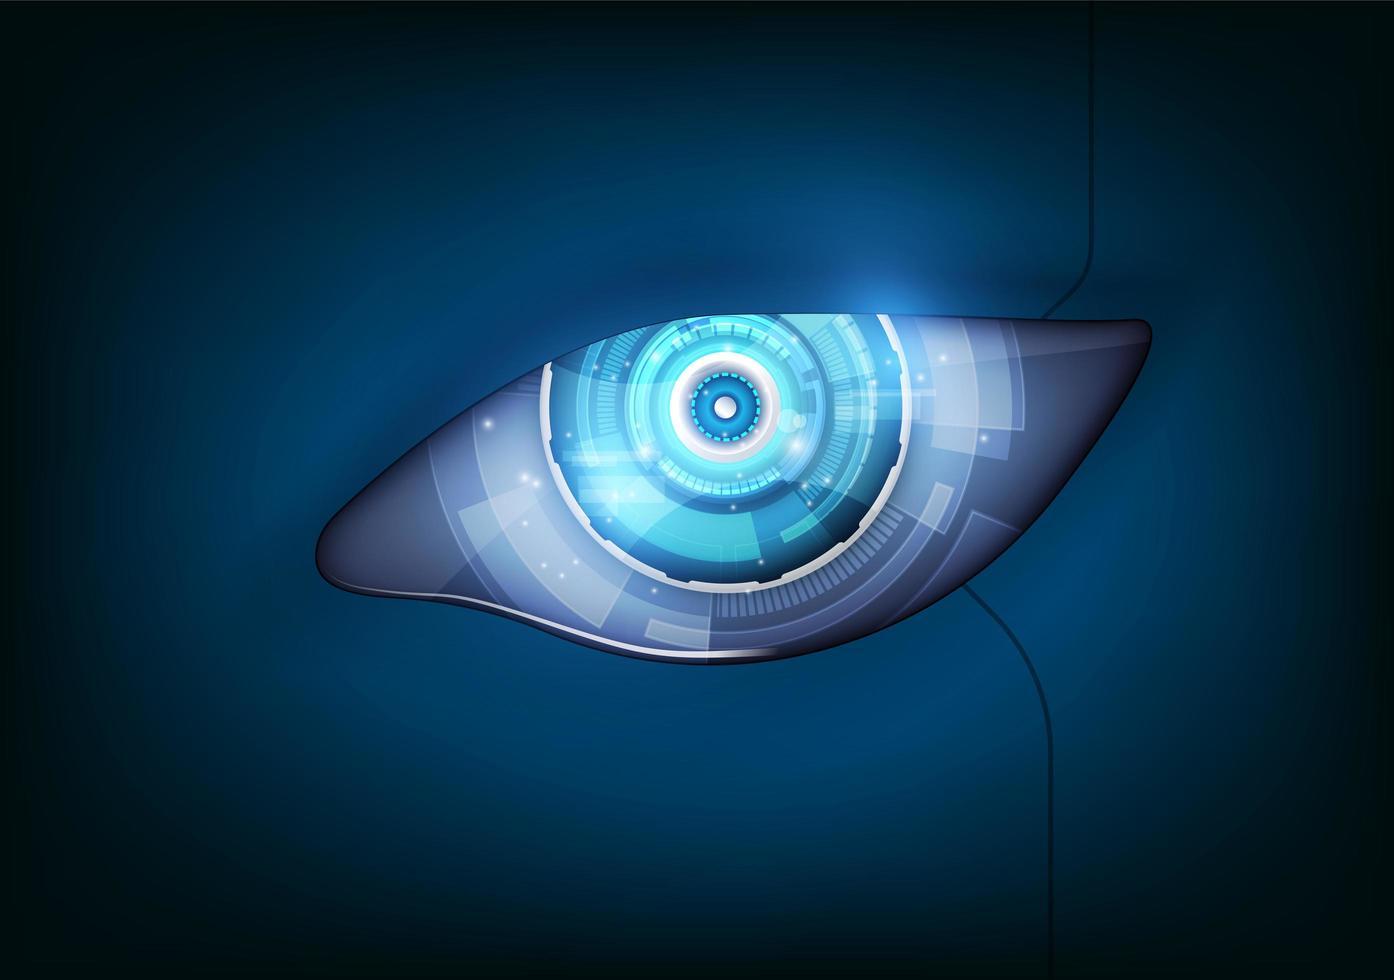 ojo del robot. interfaz de hud futurista, ilustración vectorial vector